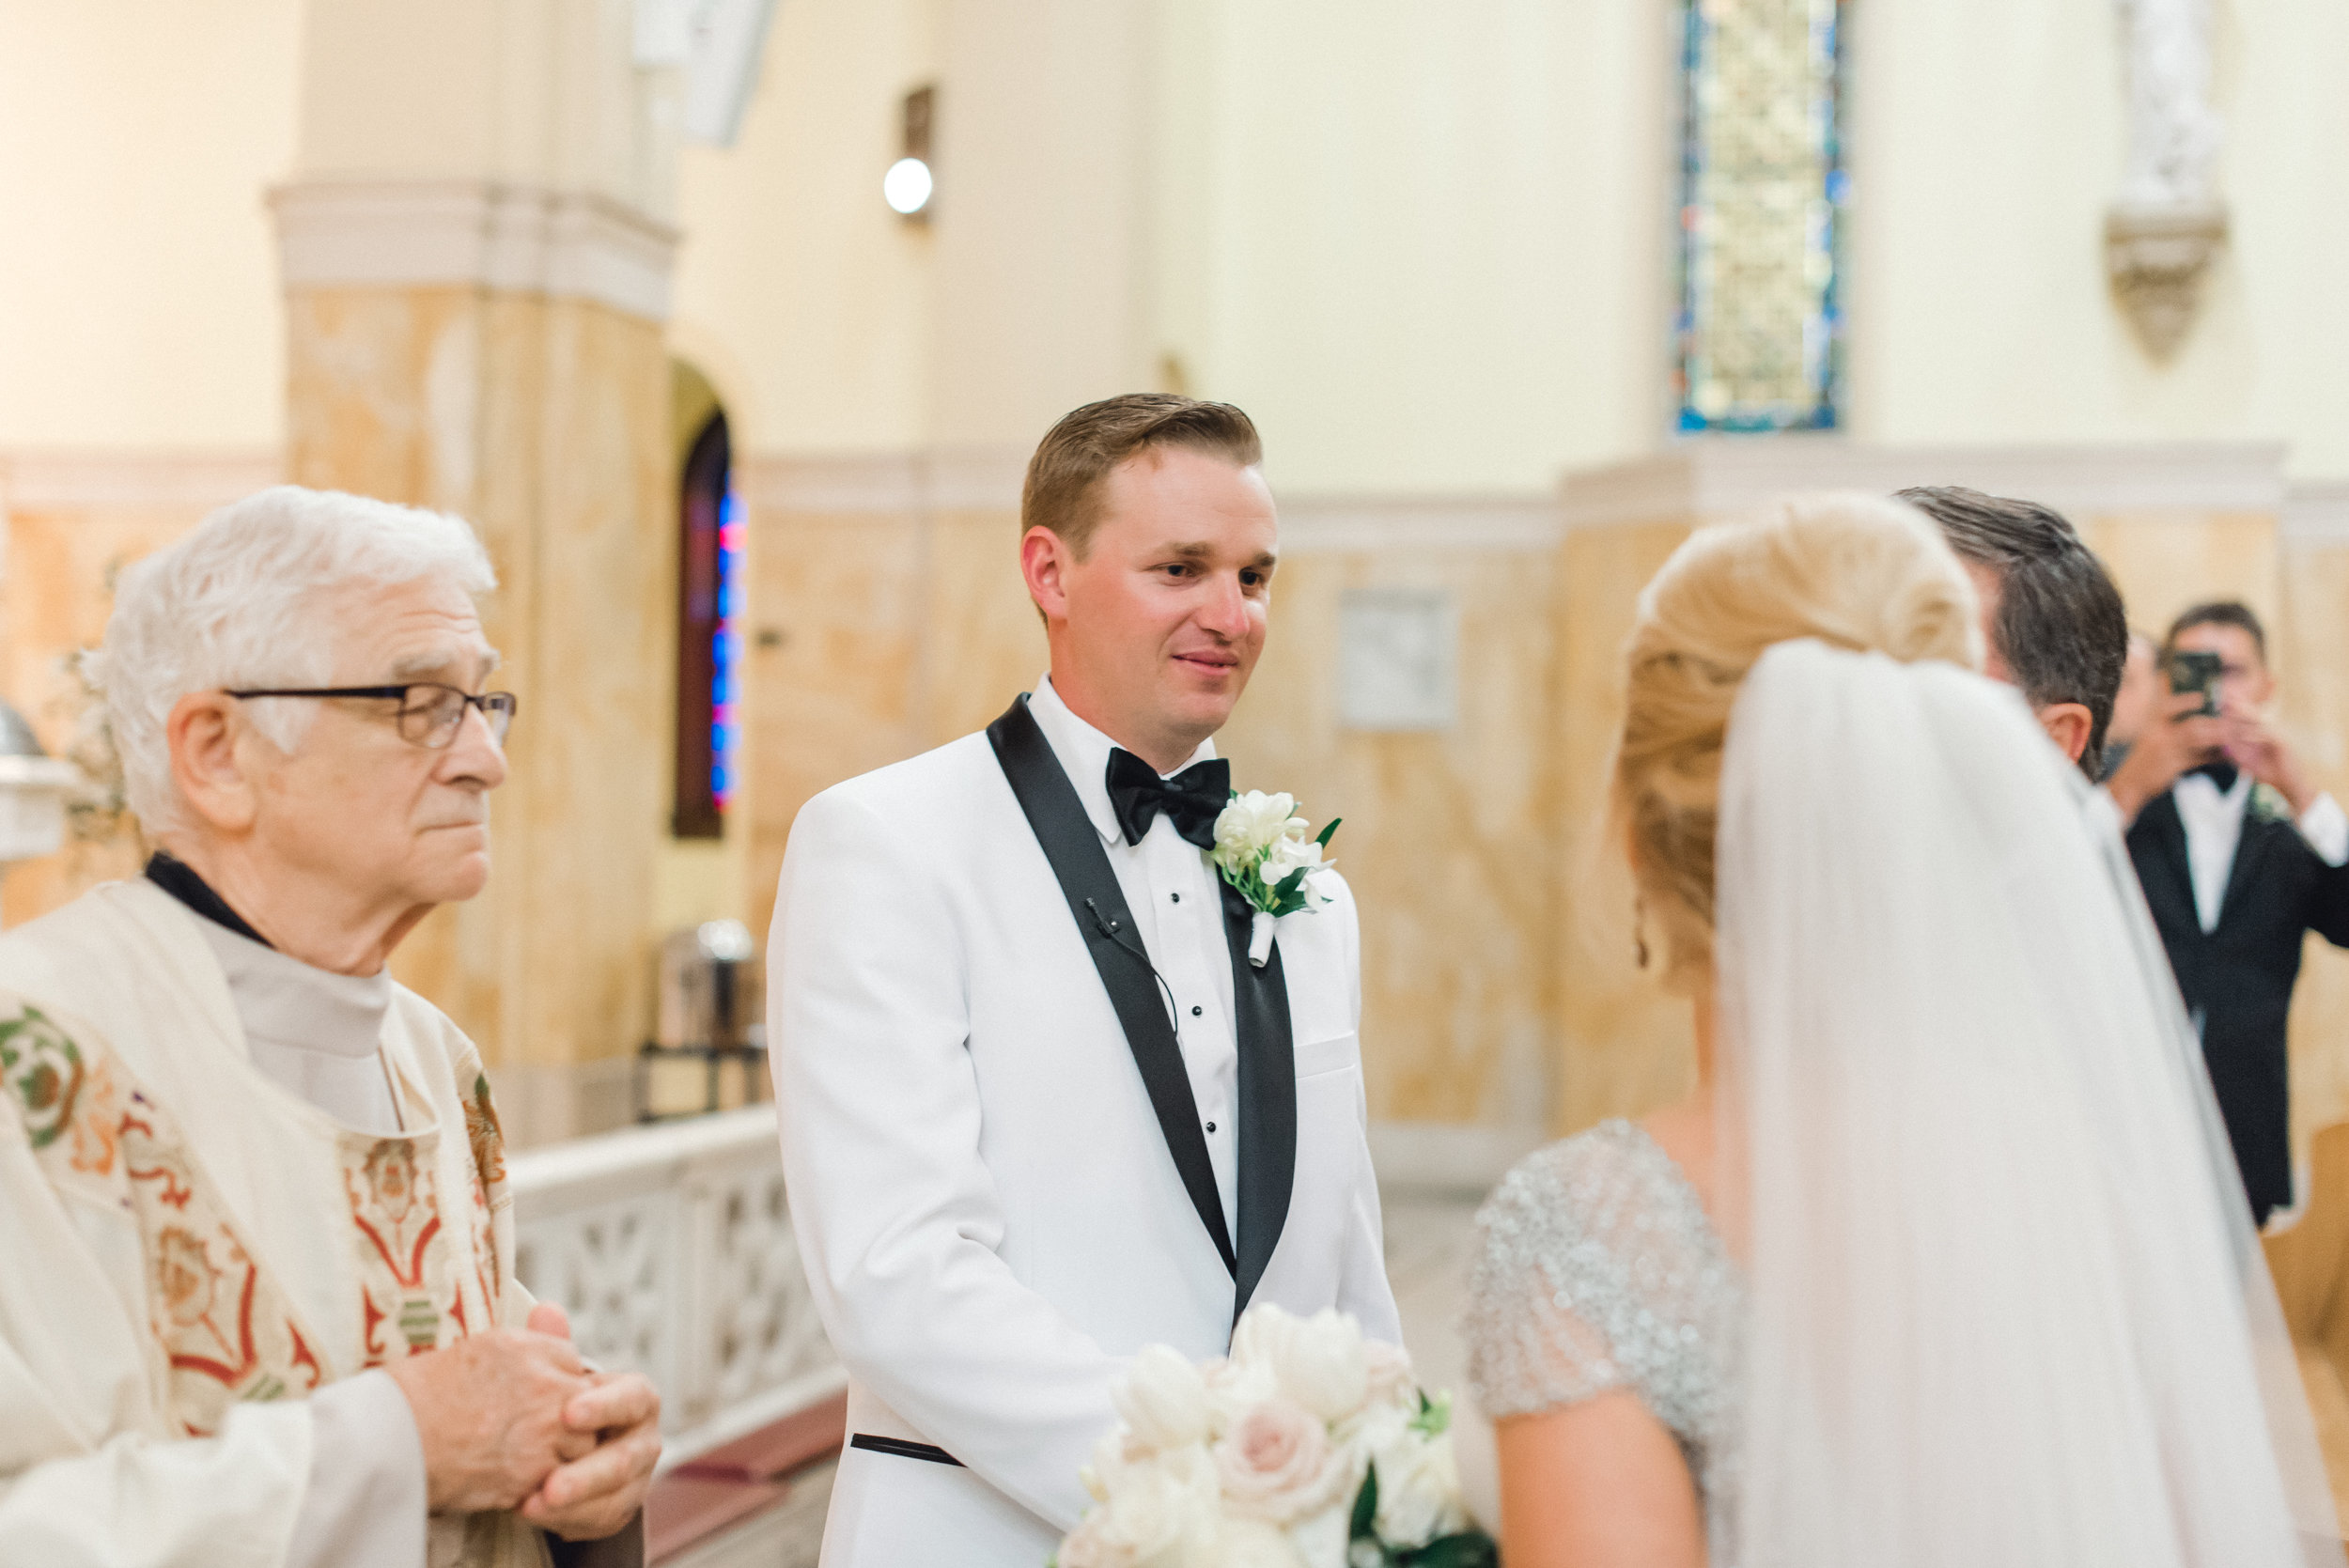 omni-william-penn-wedding-classic-chic-modern-photography-0018.jpg